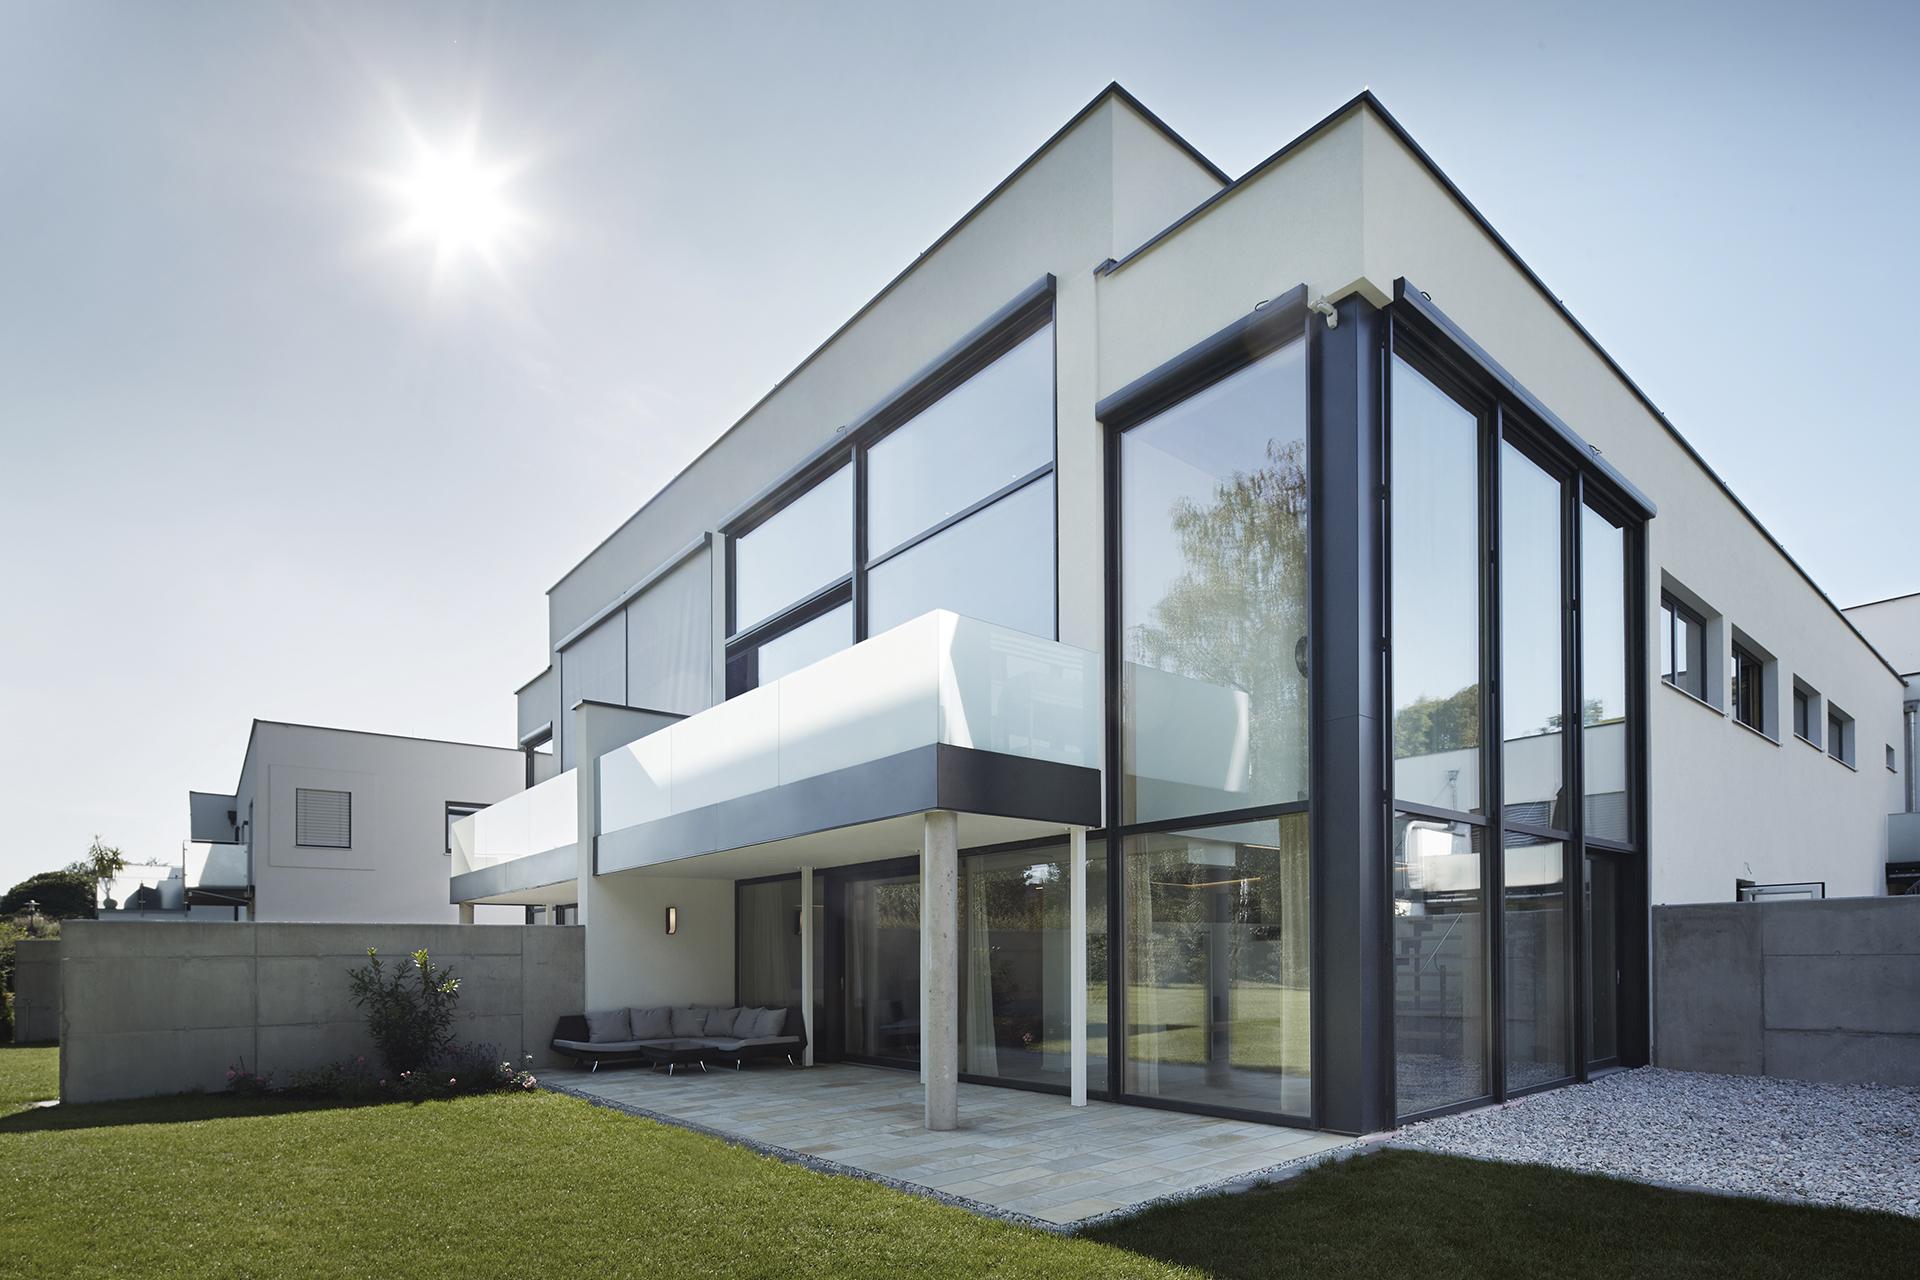 Bezaubernd Fassade Haus Foto Von Glasfassade W